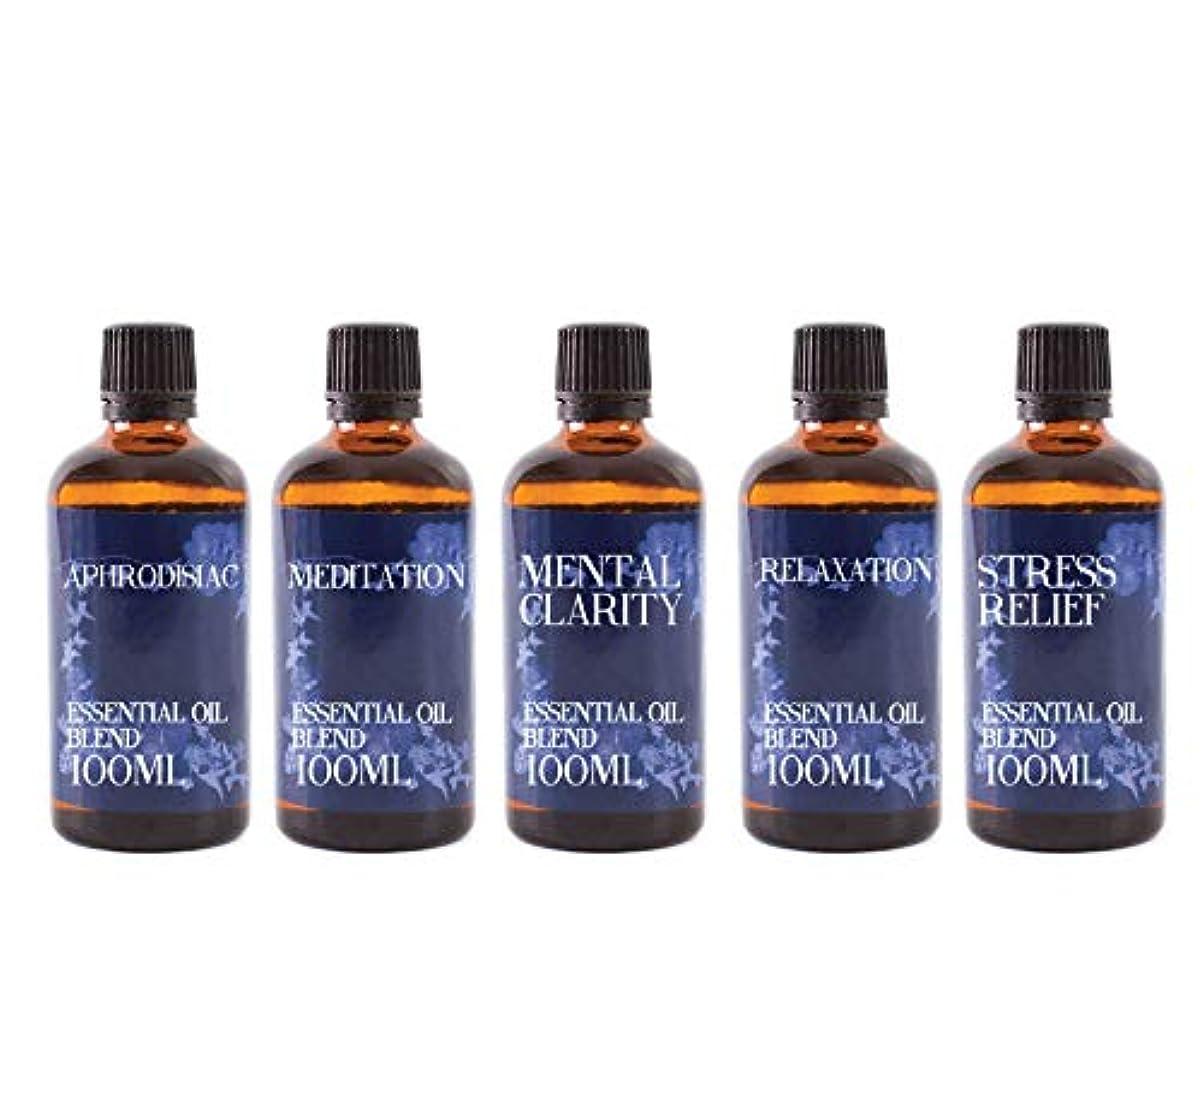 奇跡的な進化するを必要としていますMystix London | Gift Starter Pack of 5 x 100ml - Modern Day Remedies - Essential Oil Blends